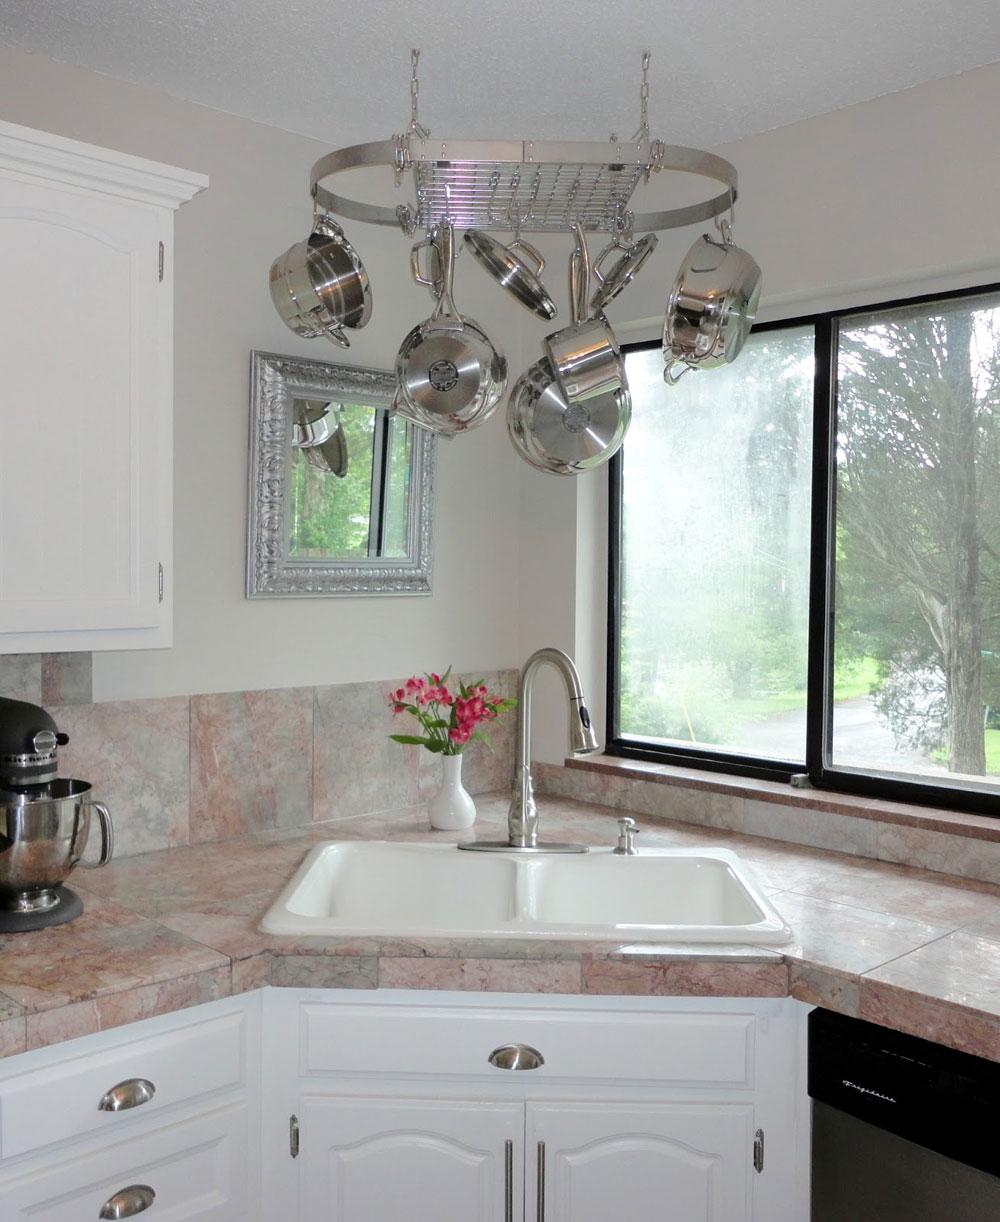 corner kitchen sink design ideas small kitchen sinks Corner Kitchen Sink Design Ideas 12